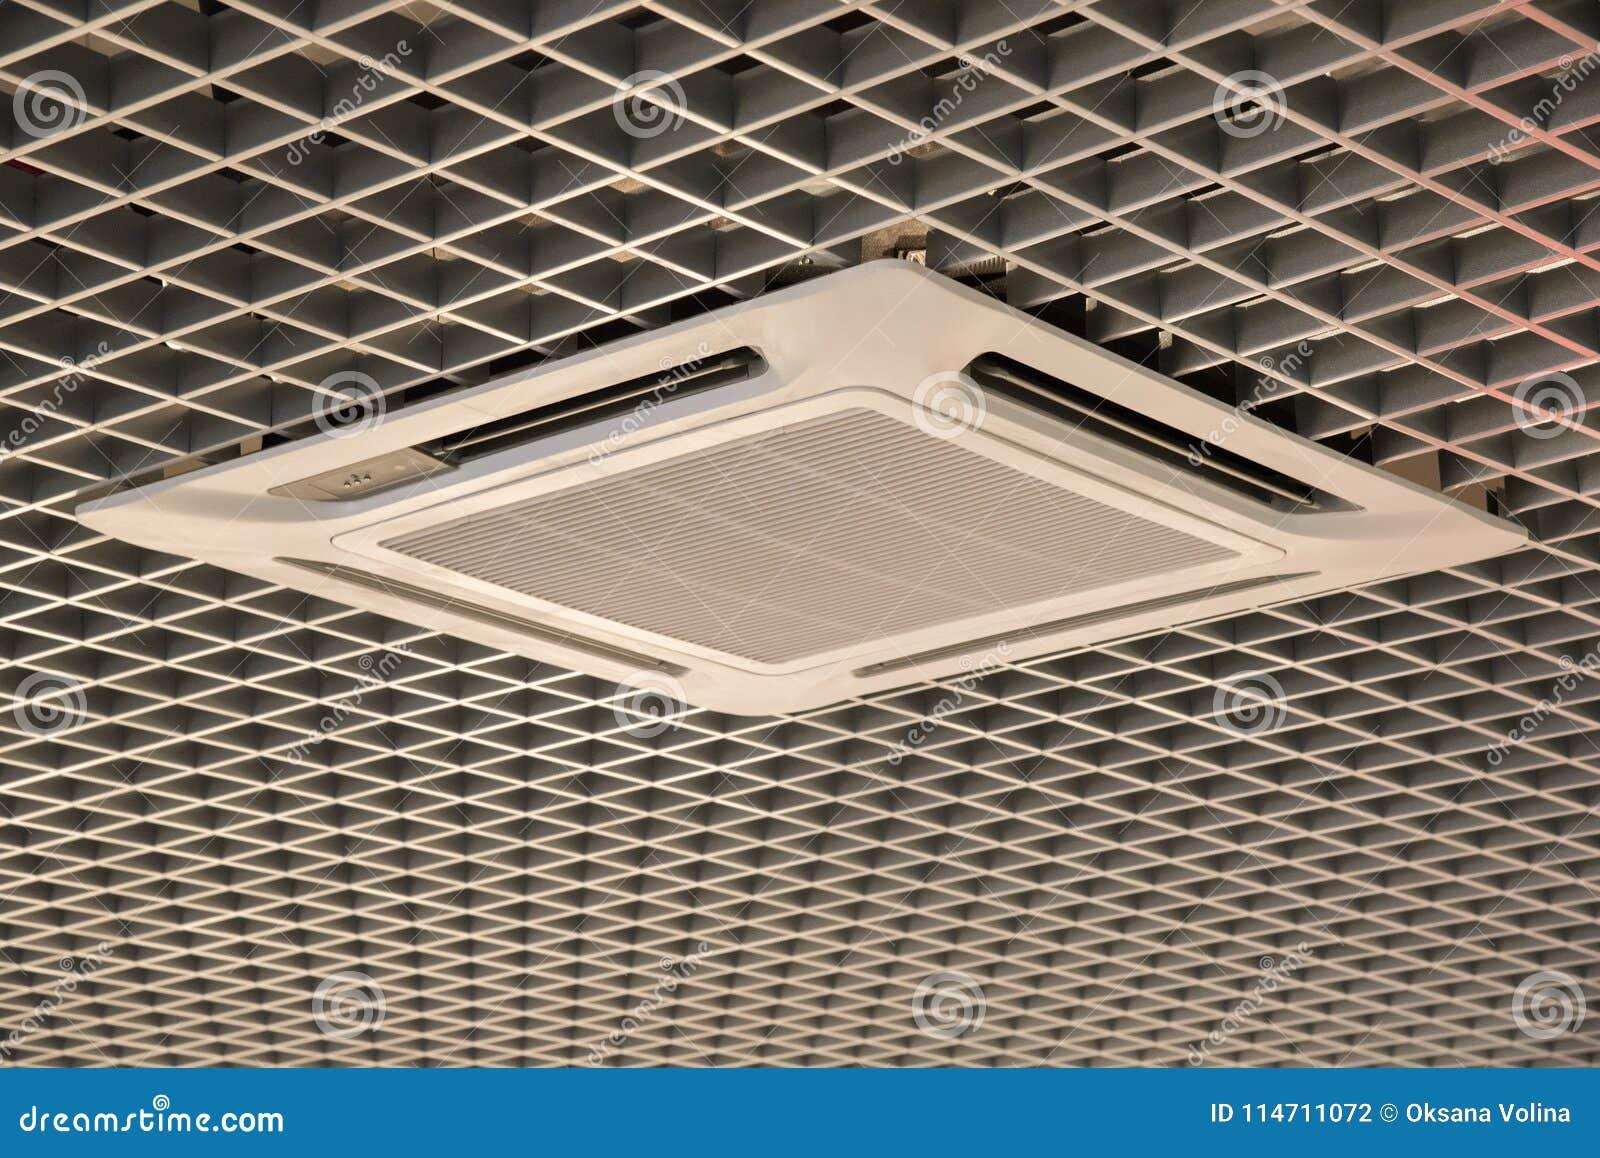 Slätt härligt trellised tak med luft som inomhus betingar